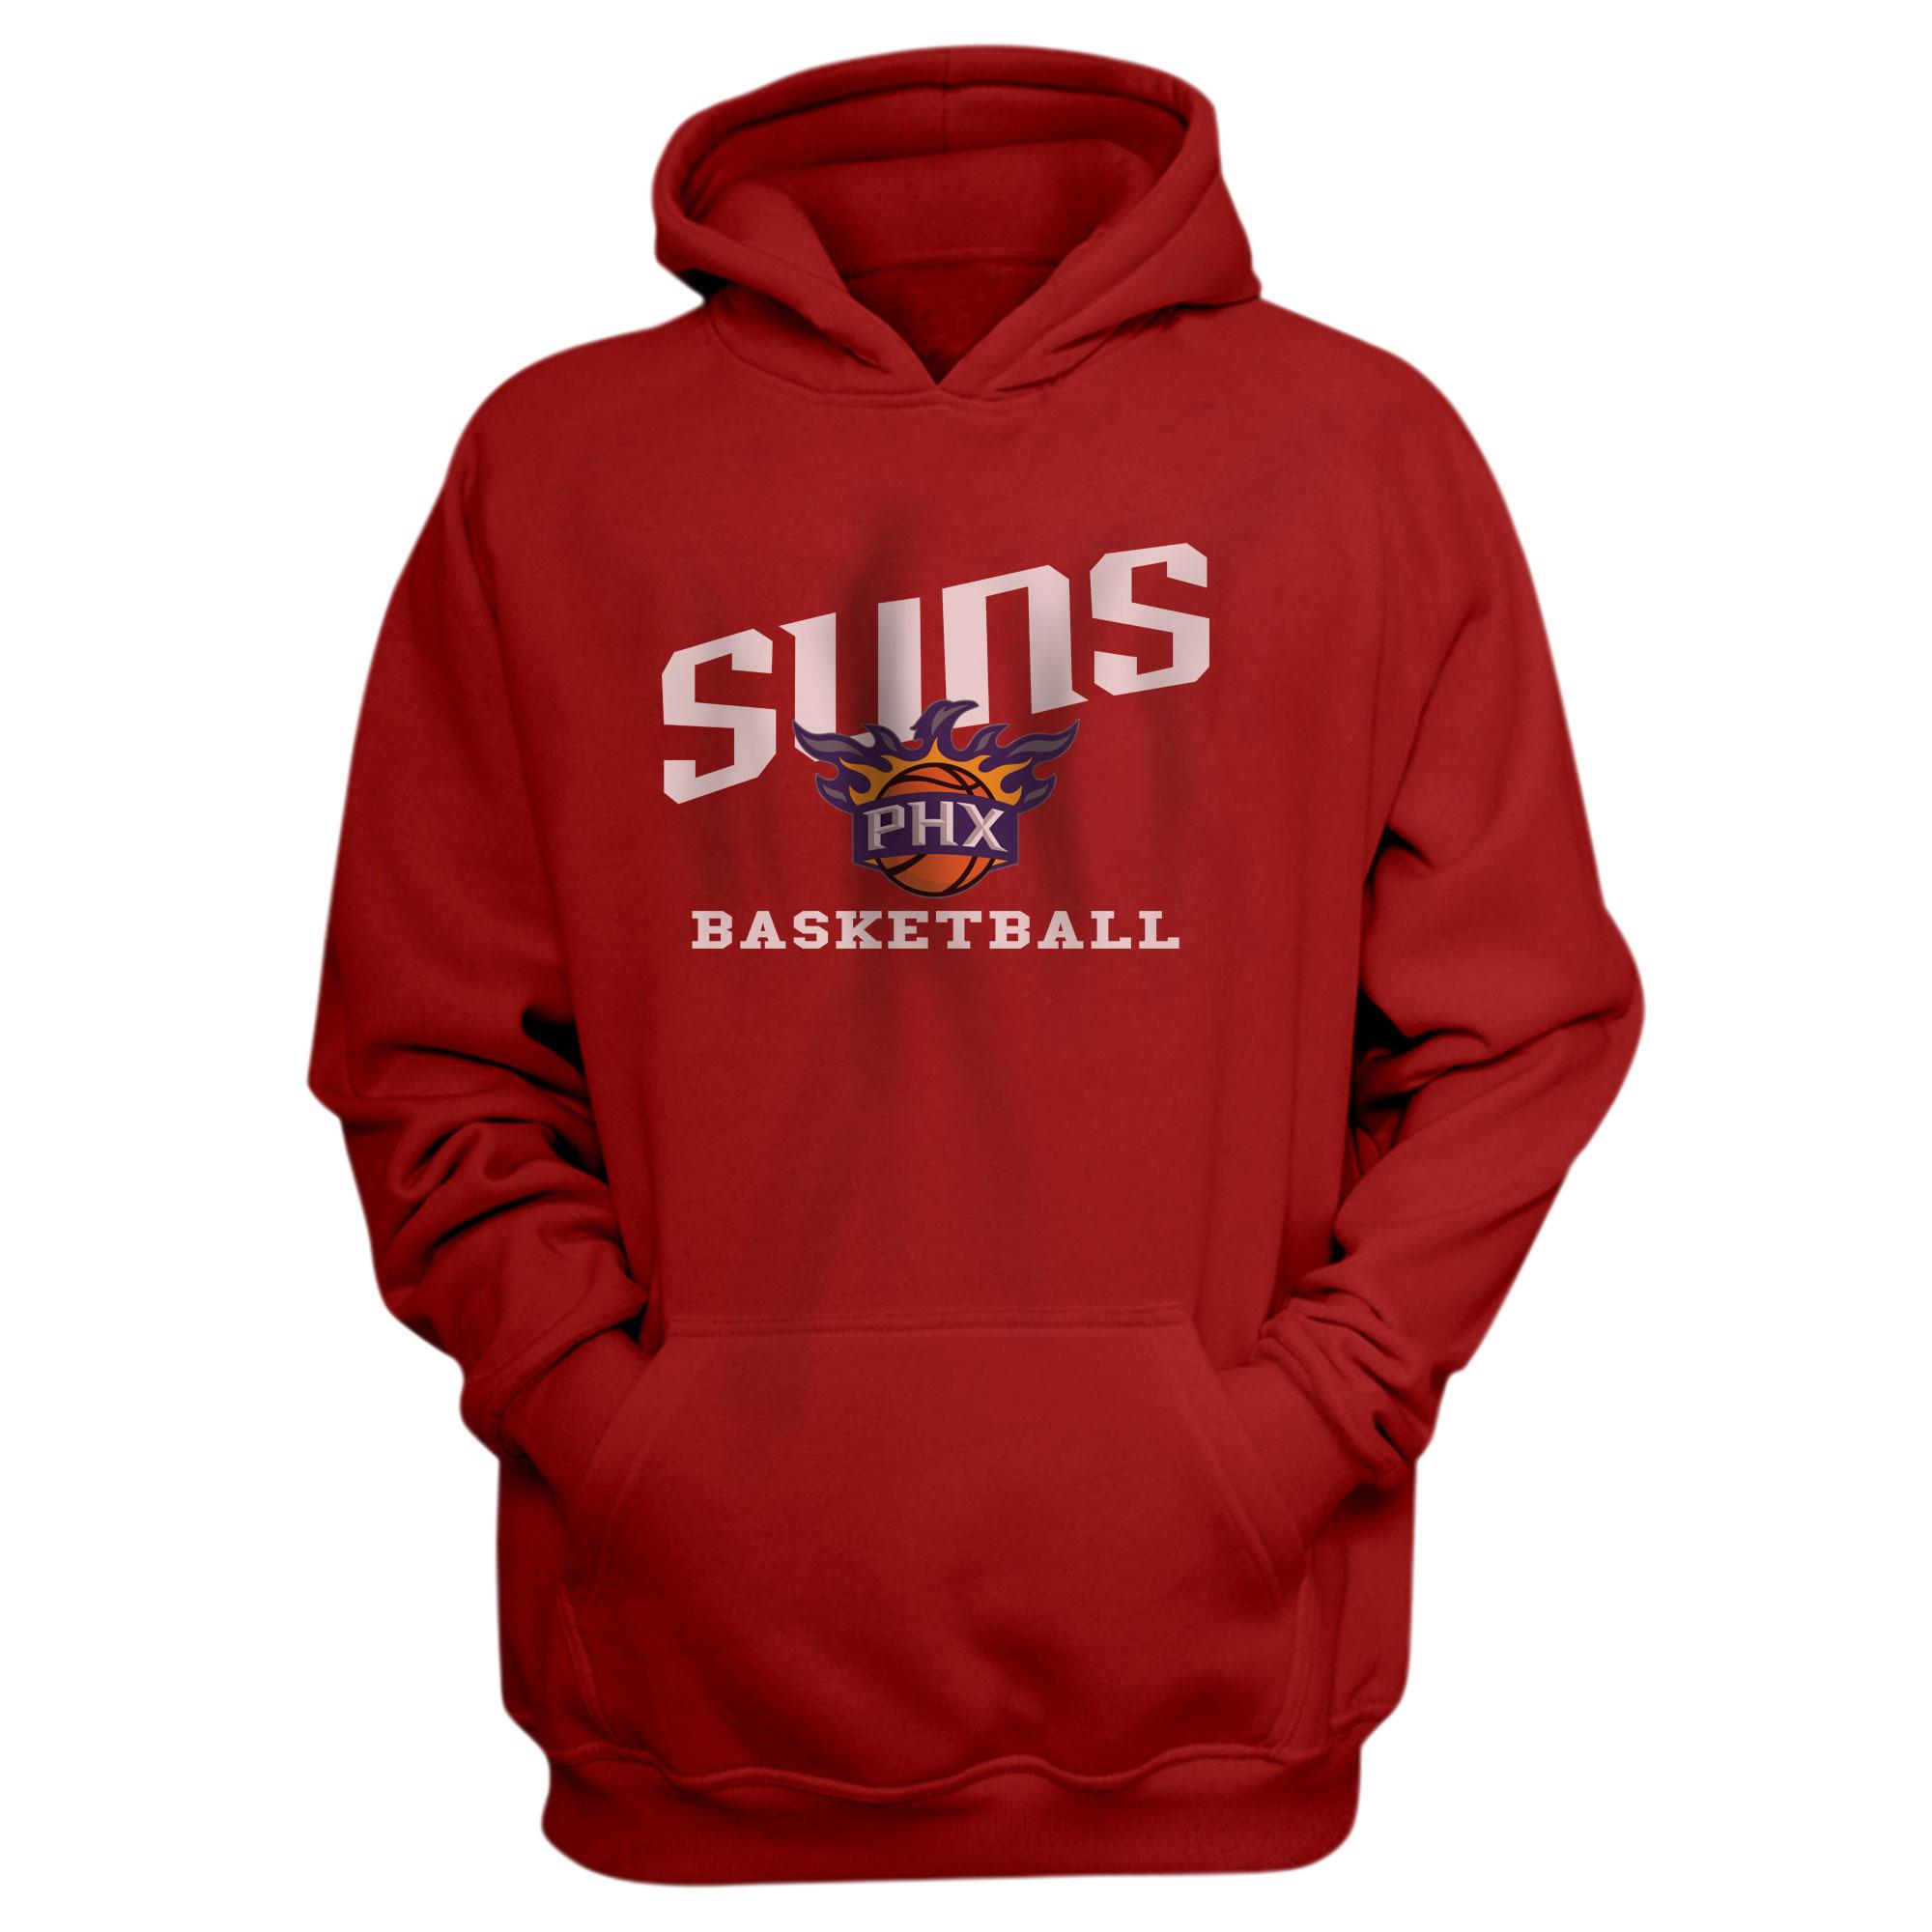 Suns Basketball Hoodie (HD-RED-NP-188-NBA-PHO-BASKETBALL)